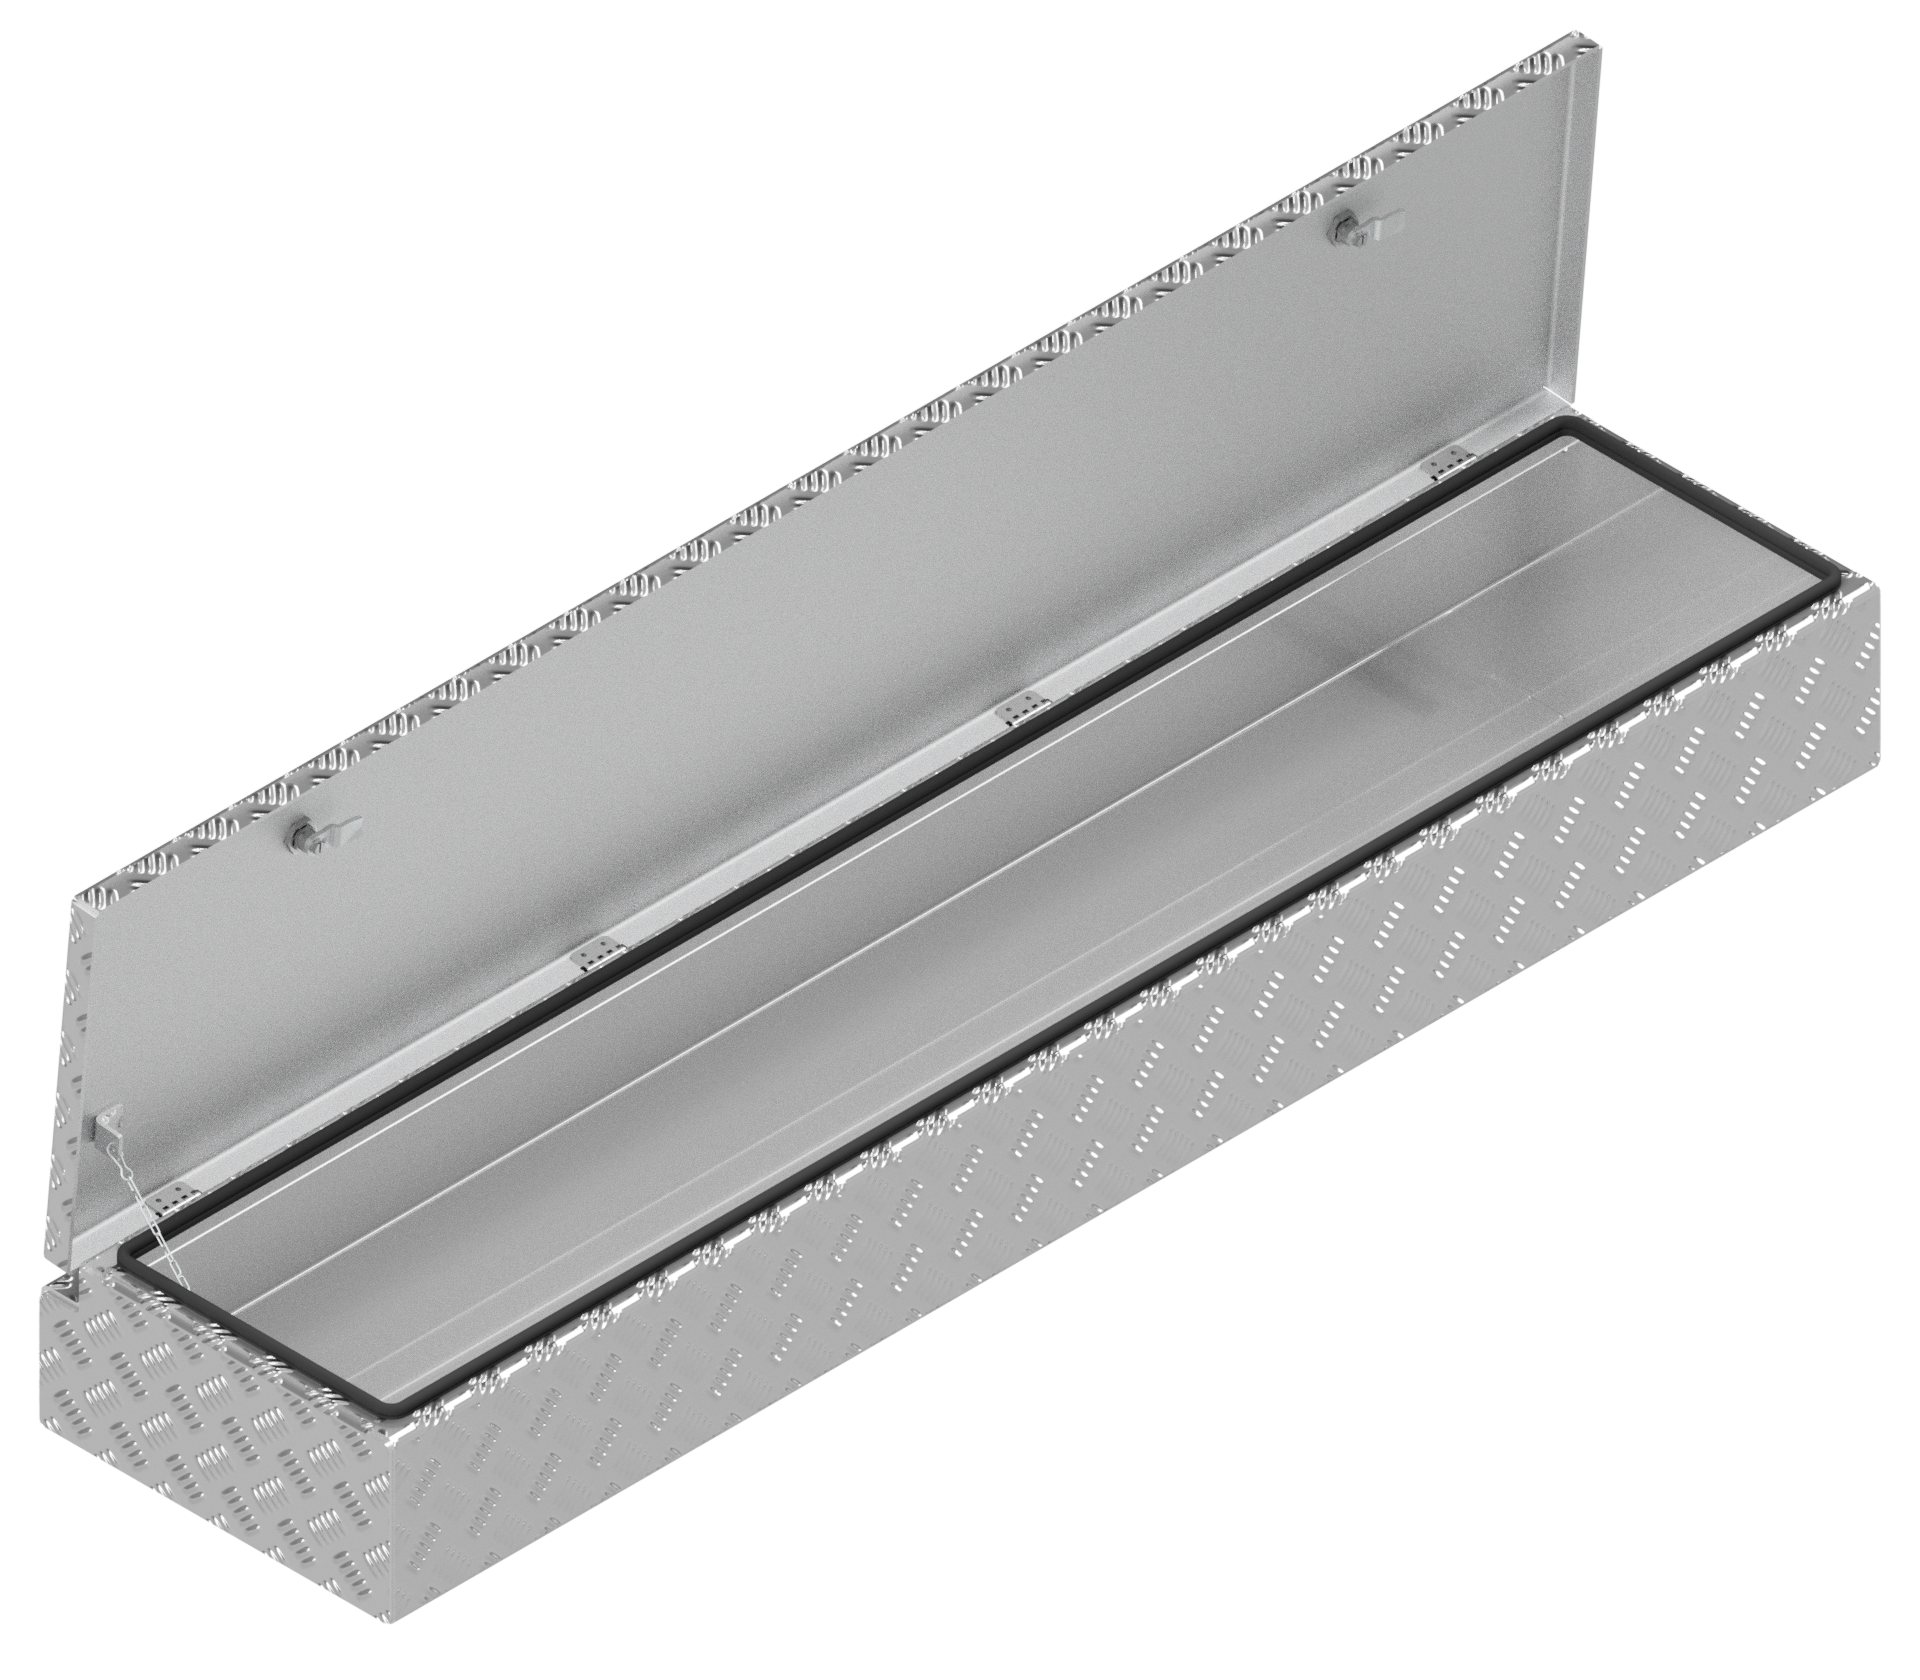 De Haan DE HAAN BOX HL - 1618x391x190 mm - waterdichte en stofdichte aluminium traanplaat disselkist - voorzien van vlinderslot of spansluiting